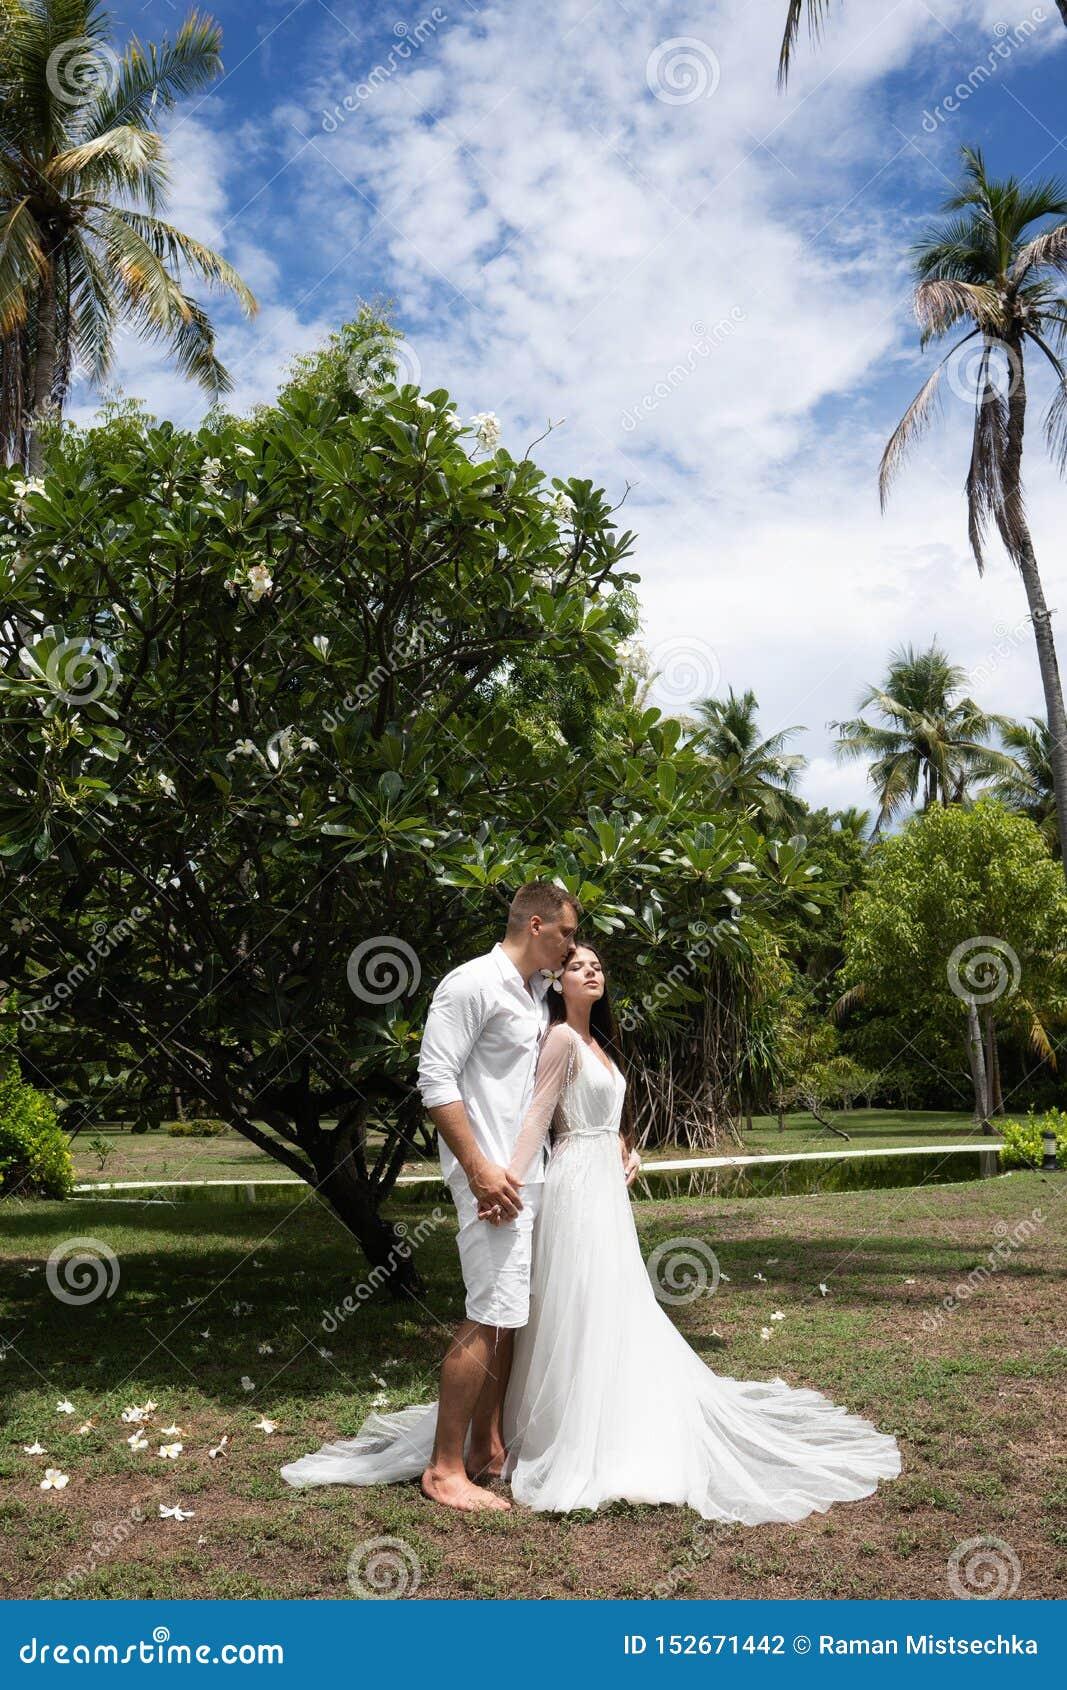 Bride and groom hug around an exotic flowering tree